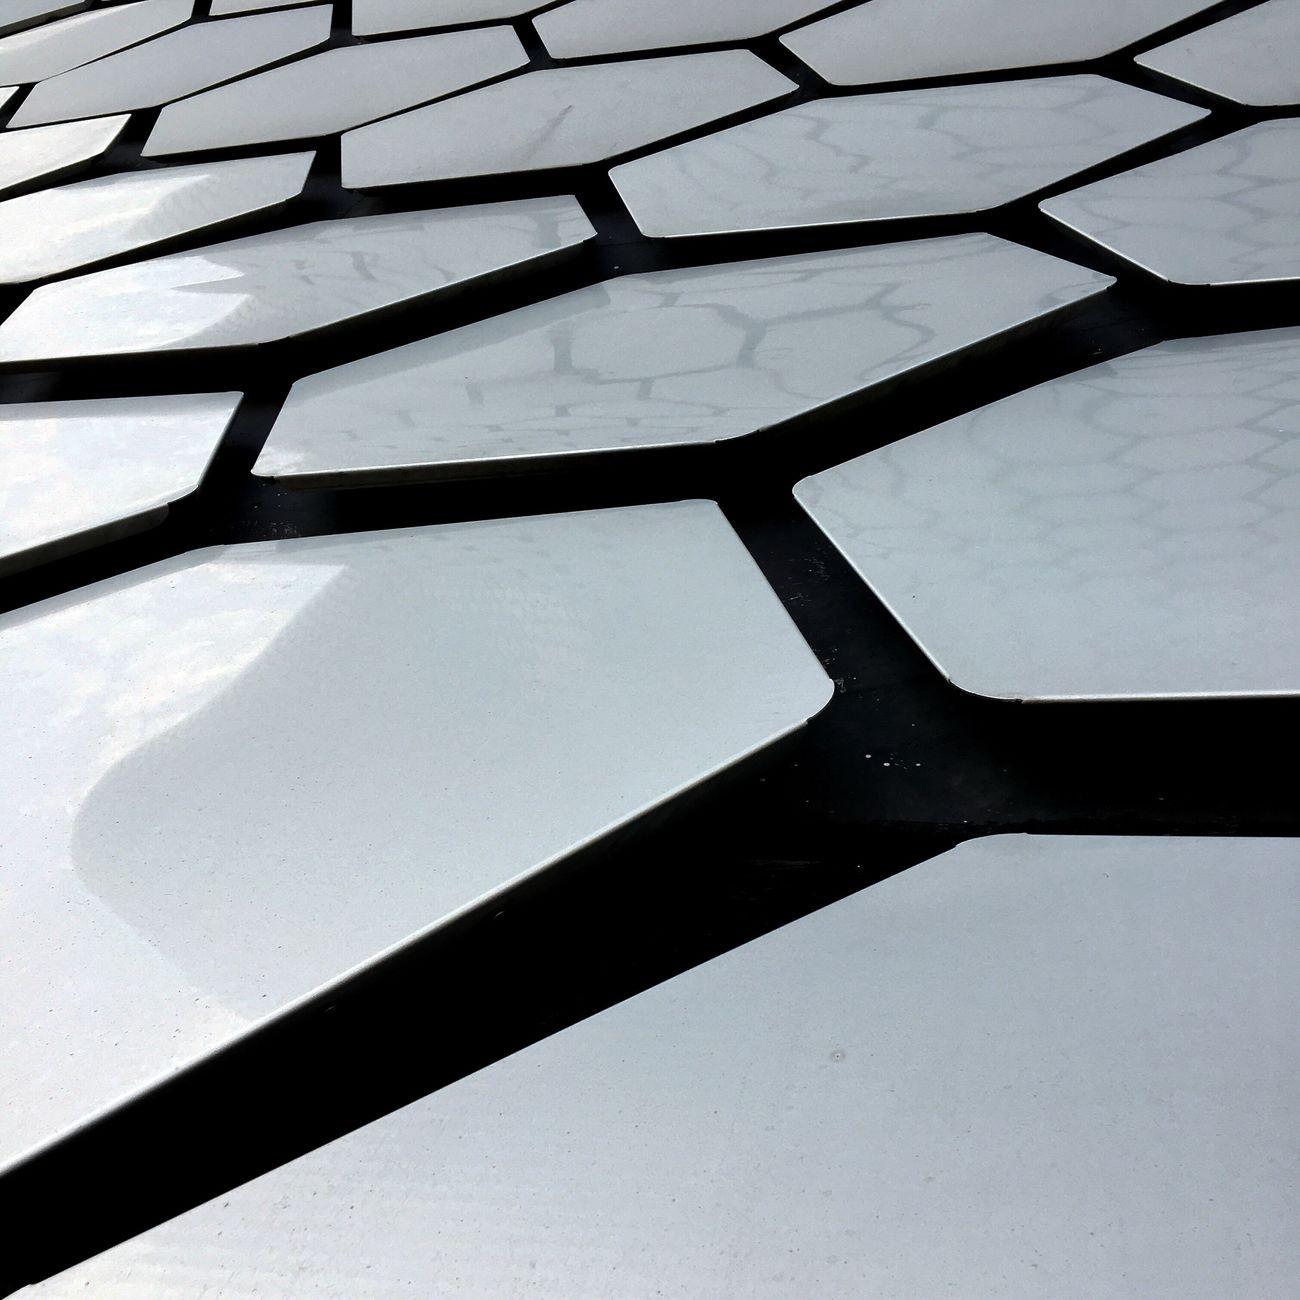 Hexágono The Architect - 2016 EyeEm Awards Architecture Minimalism